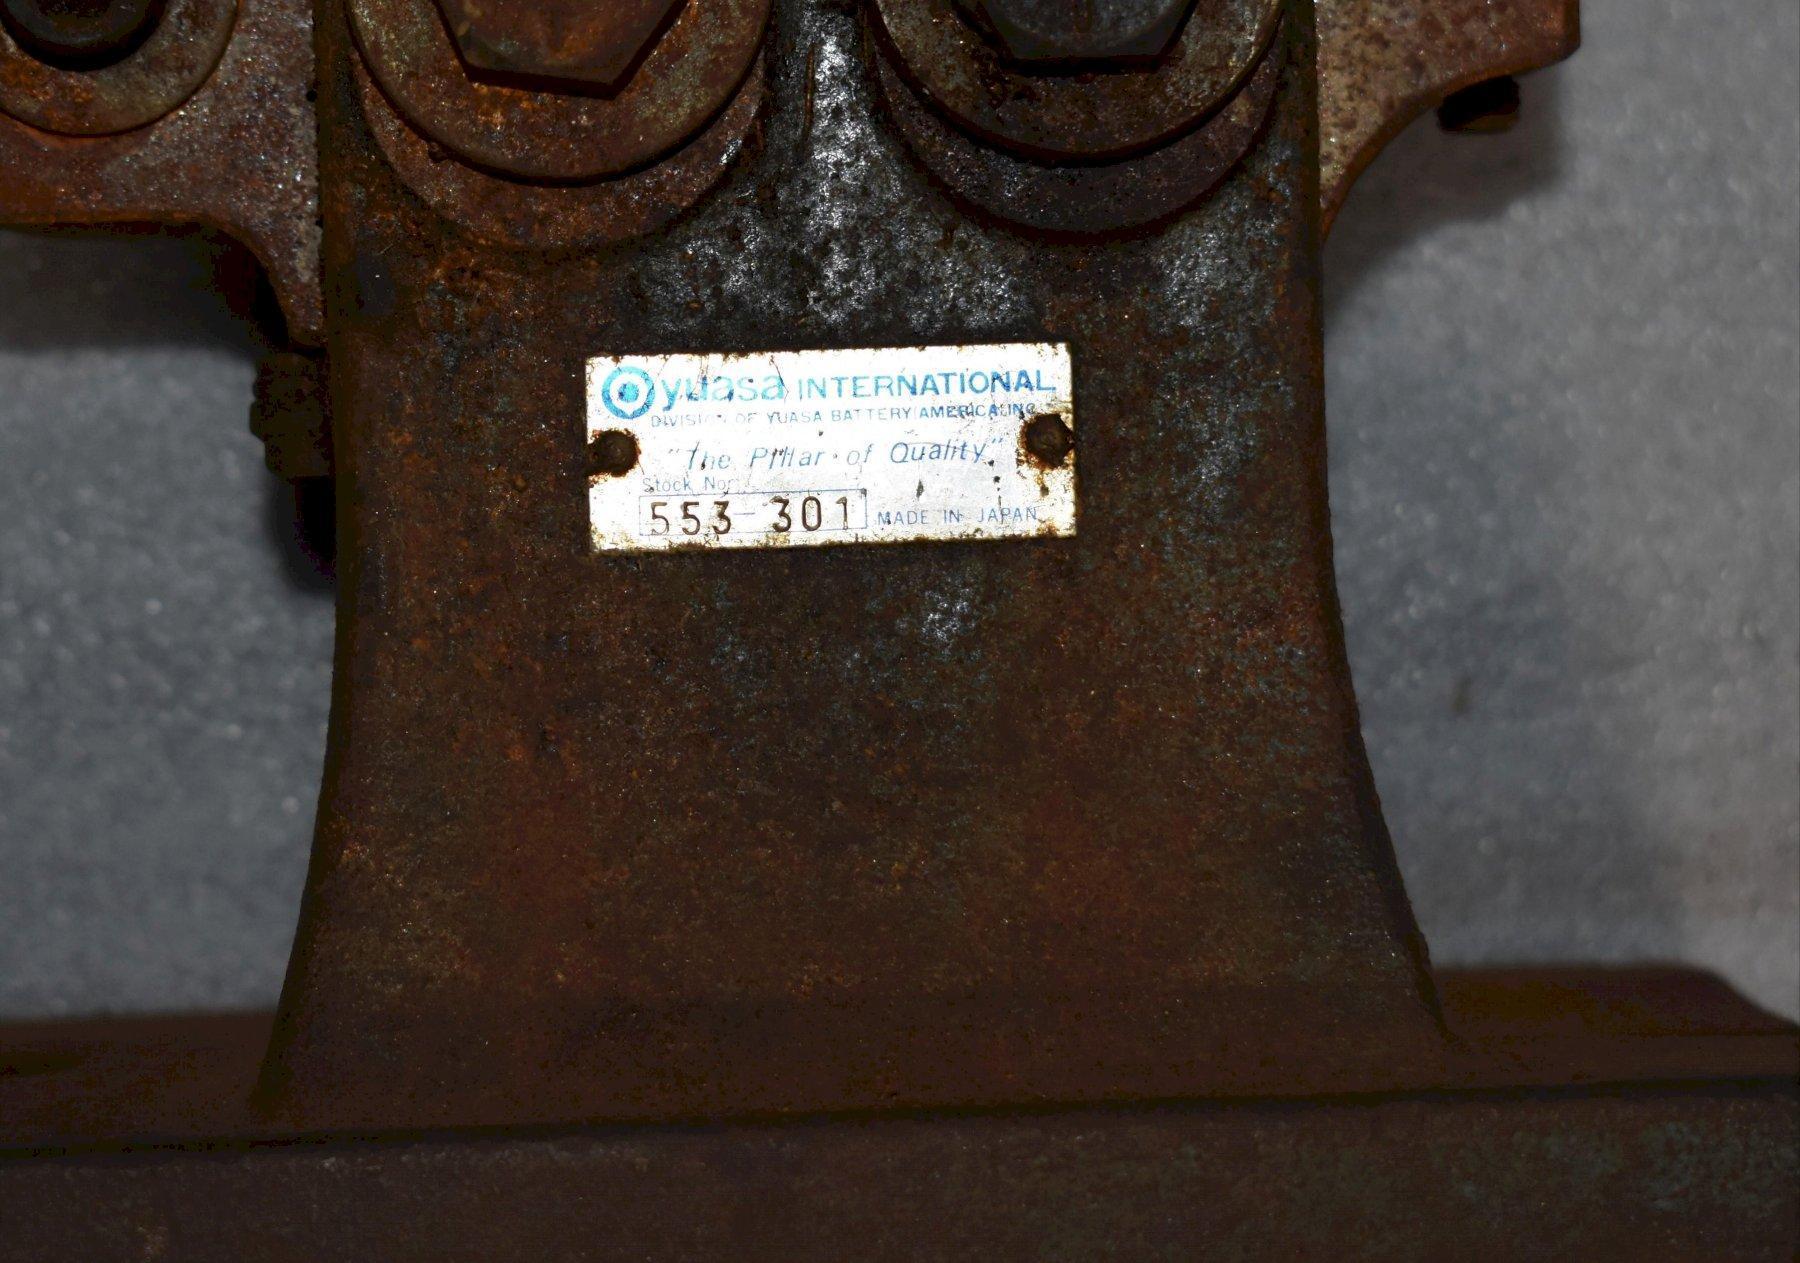 YUASA 553-301 TAILSTOCK